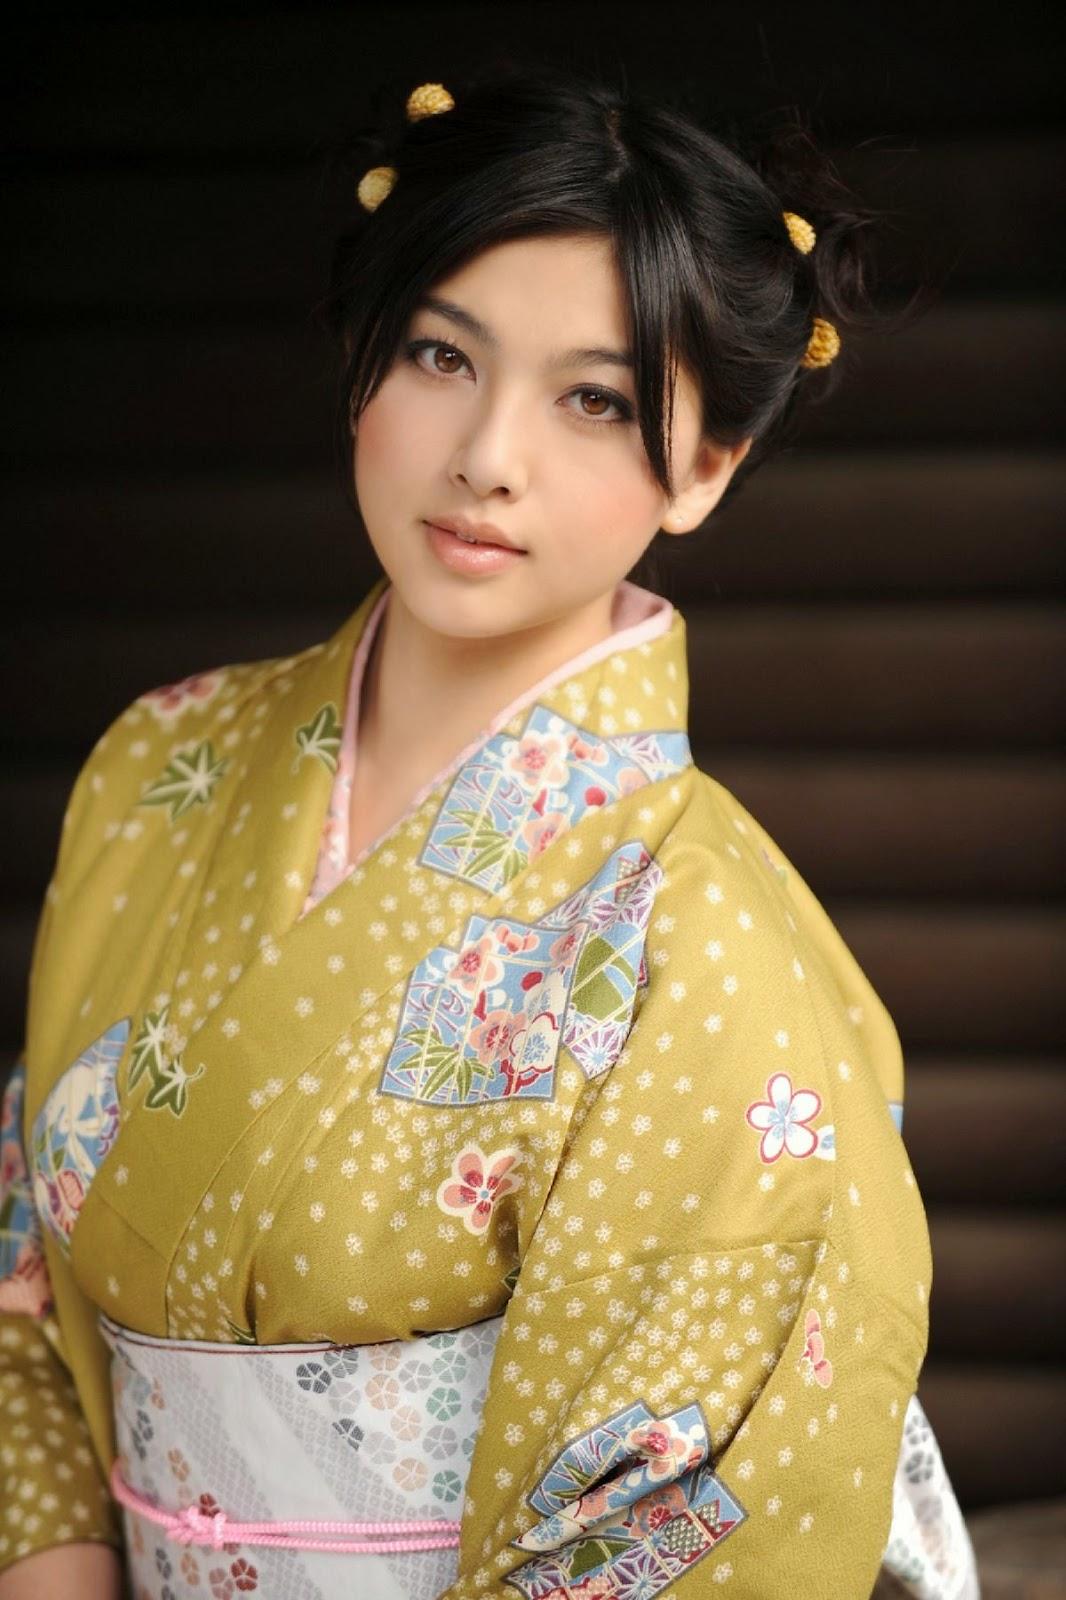 Saori Hara naked 655